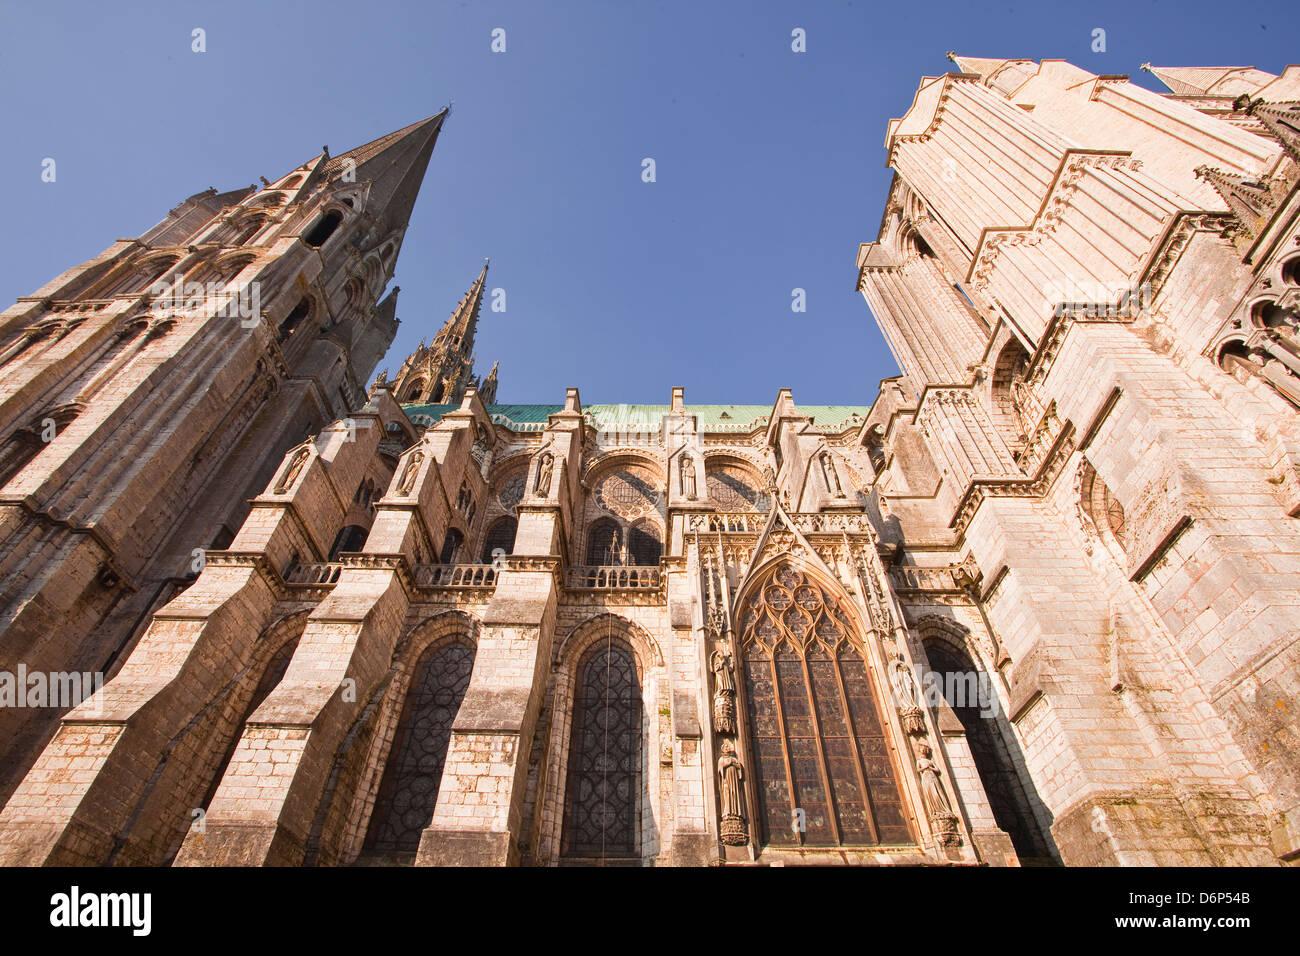 L'architecture gothique de la cathédrale de Chartres, l'UNESCO World Heritage Site, Chartres, Eure Photo Stock